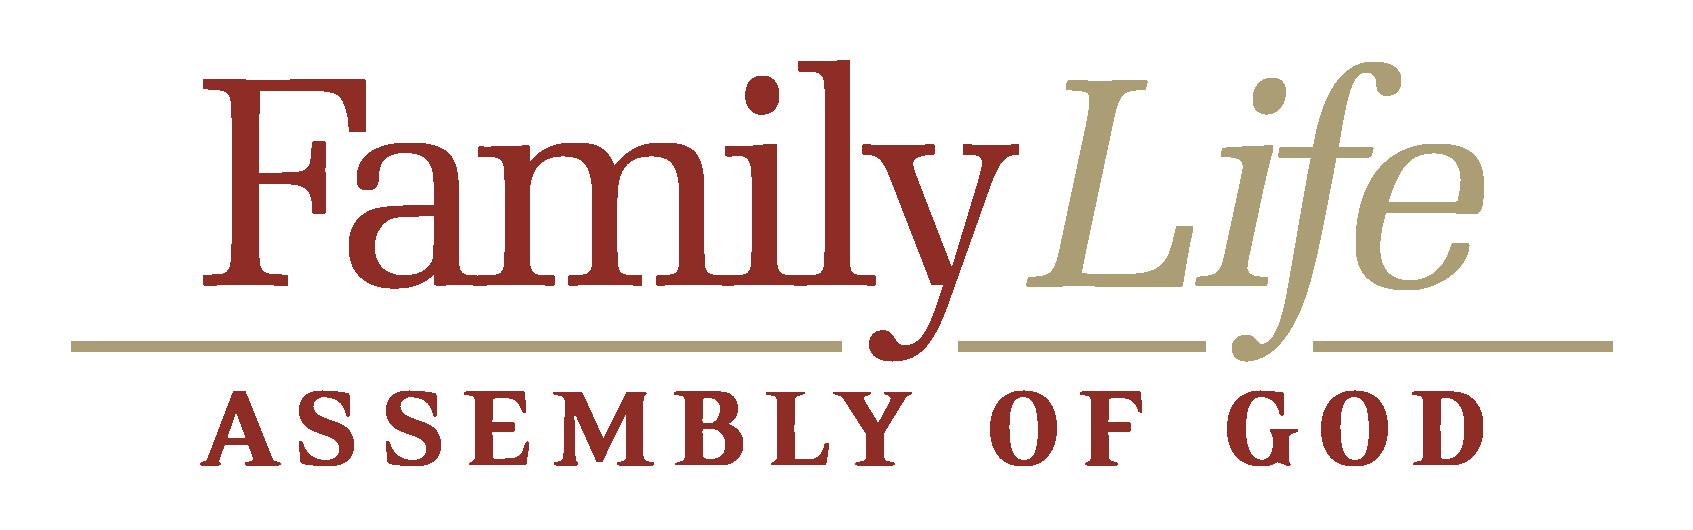 Family Life Assembly of God Church logo